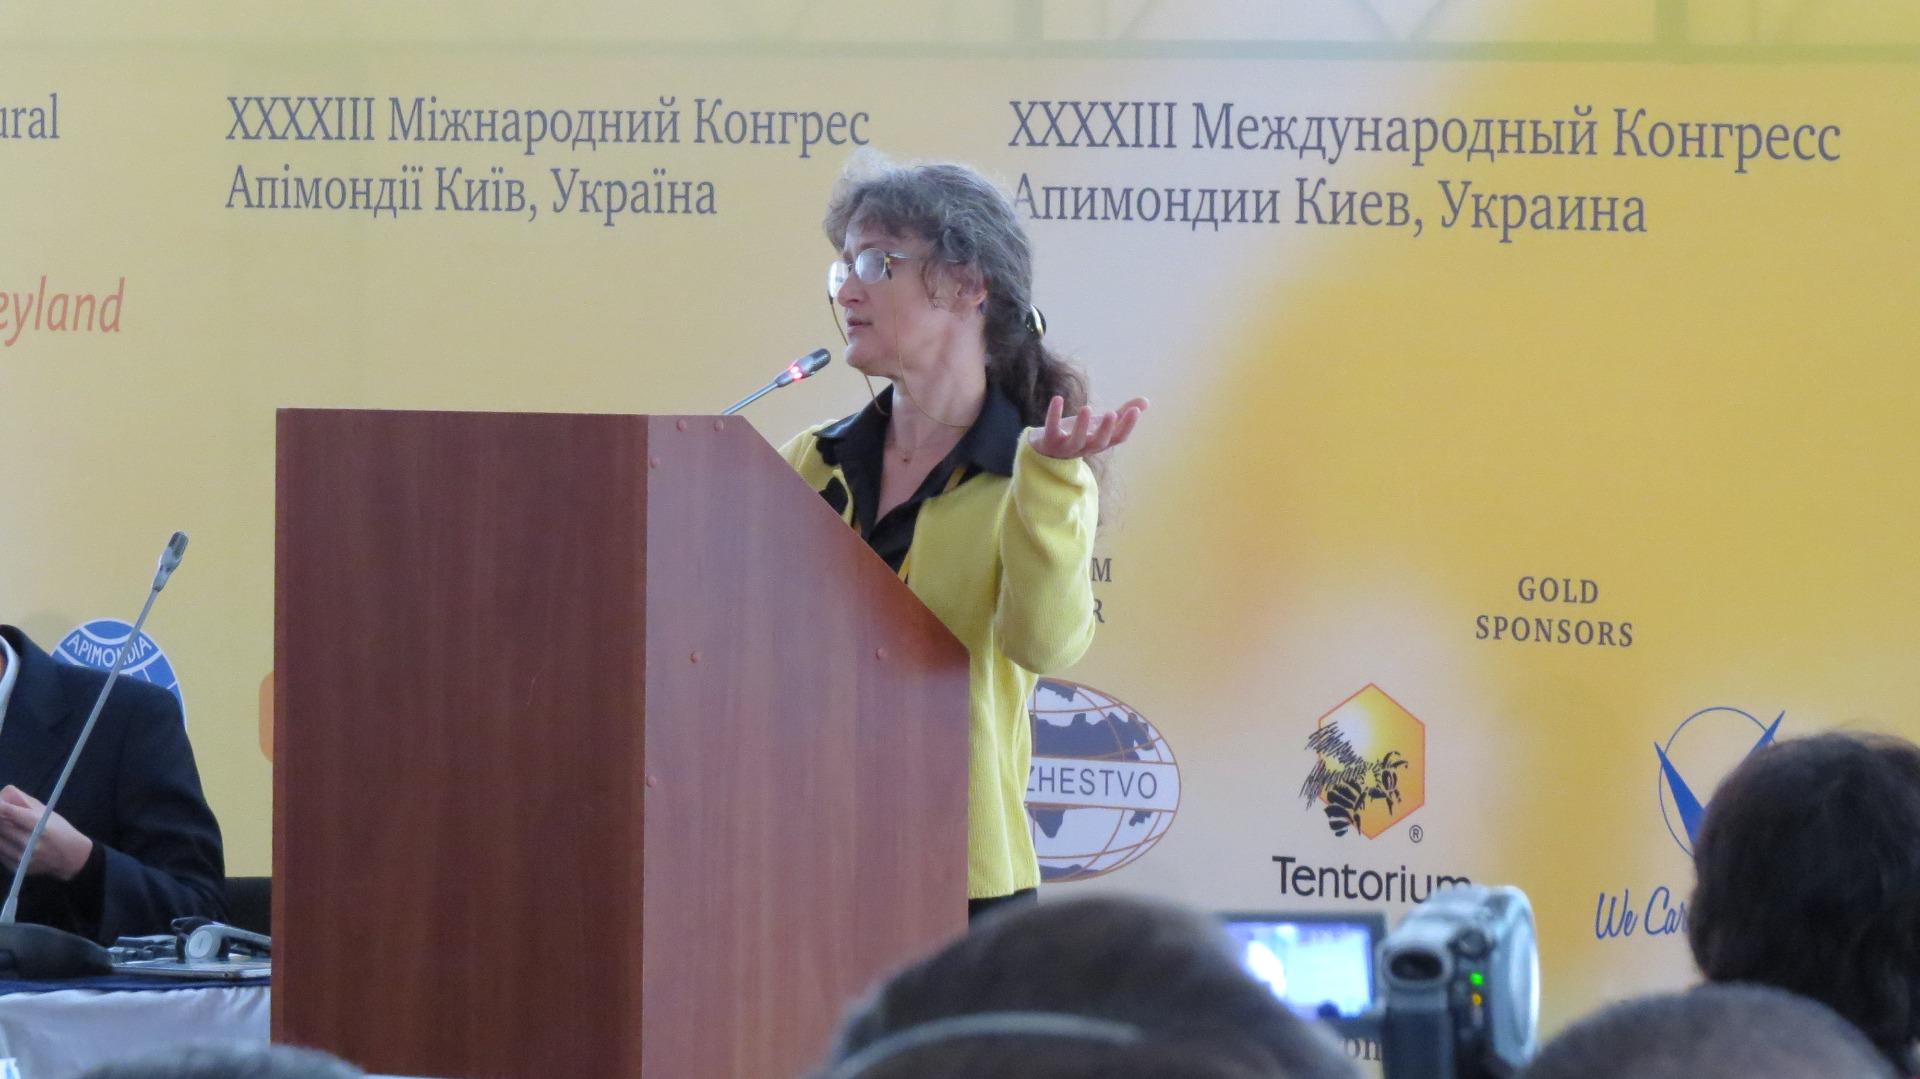 Apimondia Kiev 2013